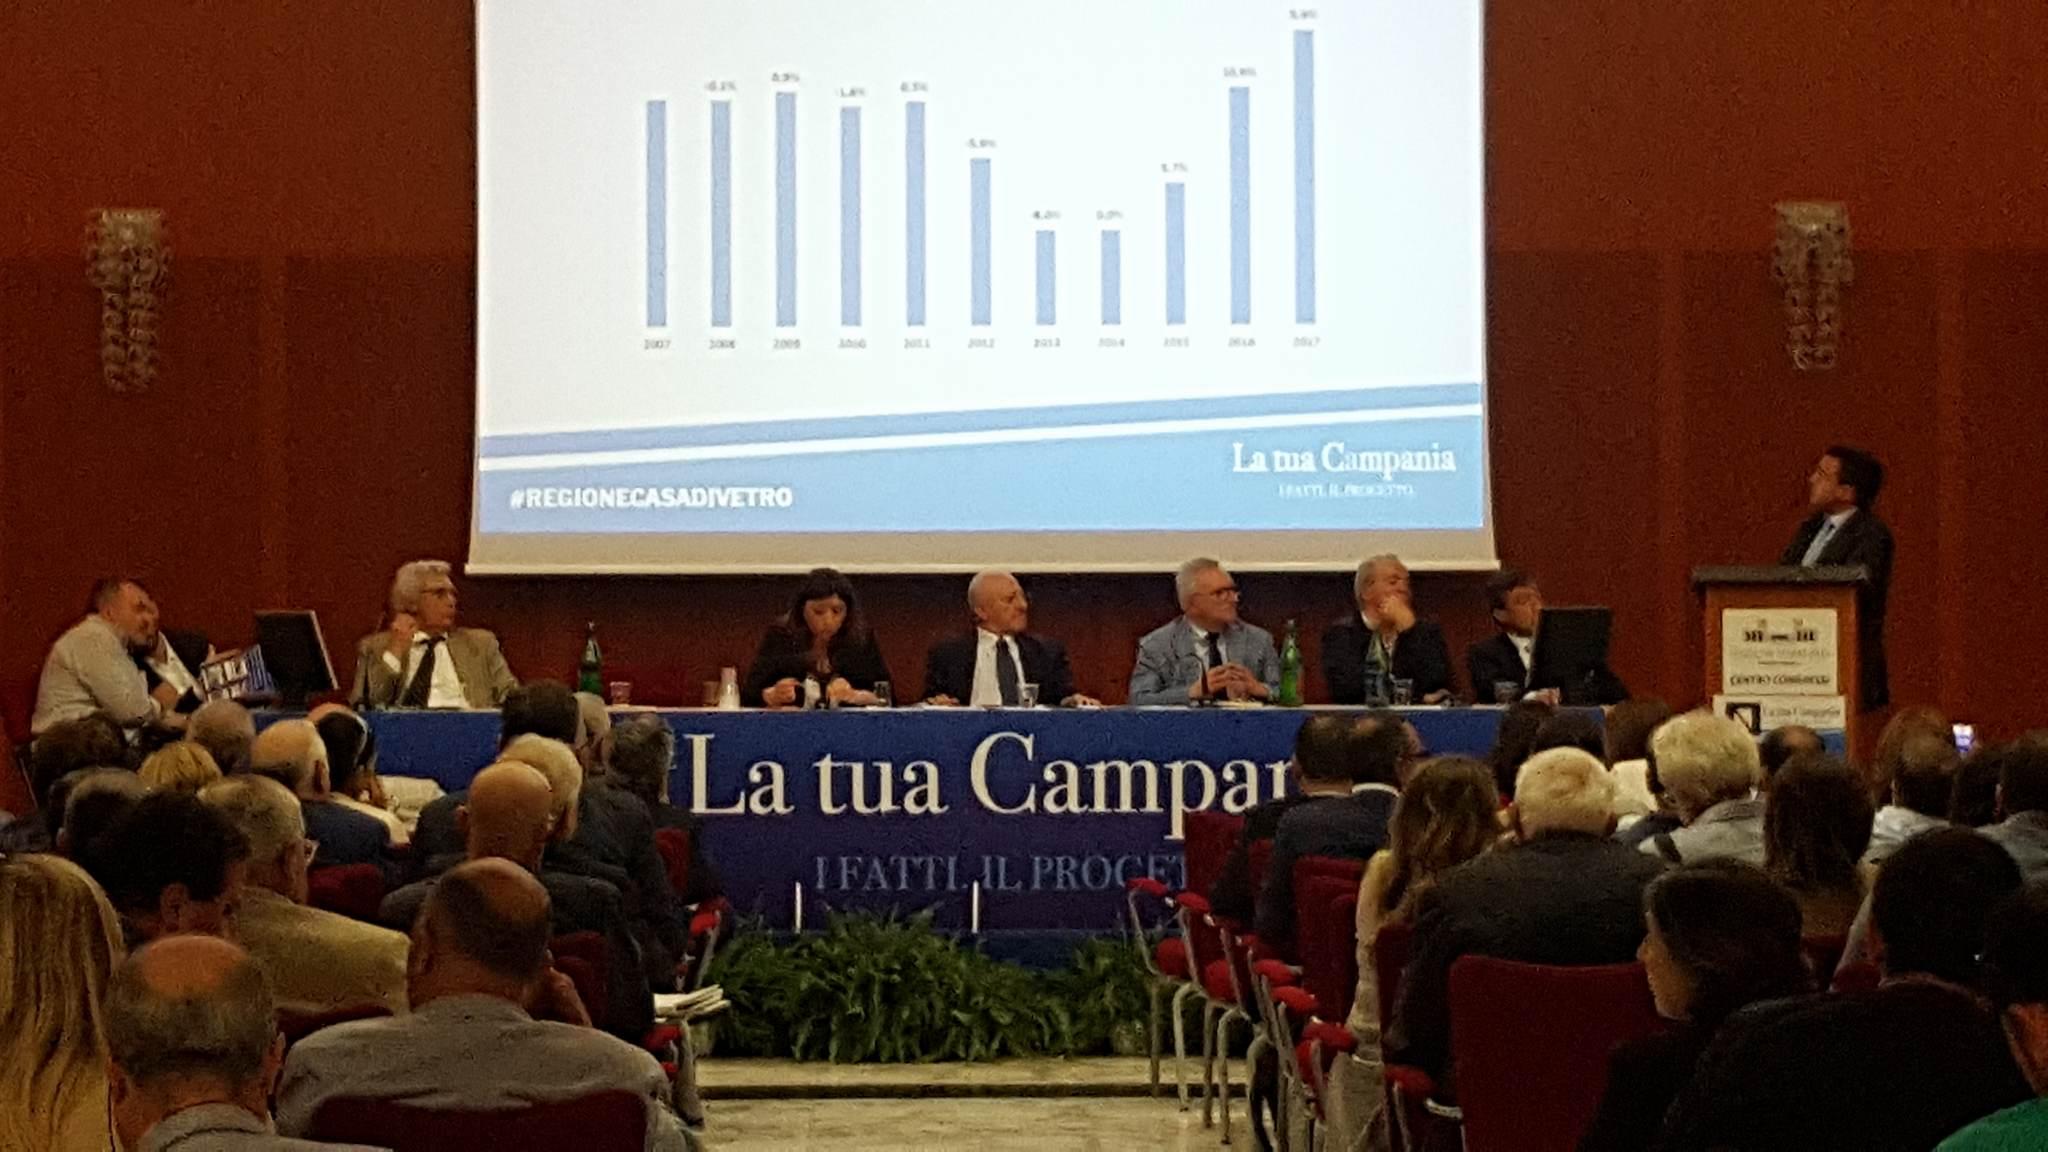 Trasporti in Campania: analisi e proposte. Convegno a Napoli